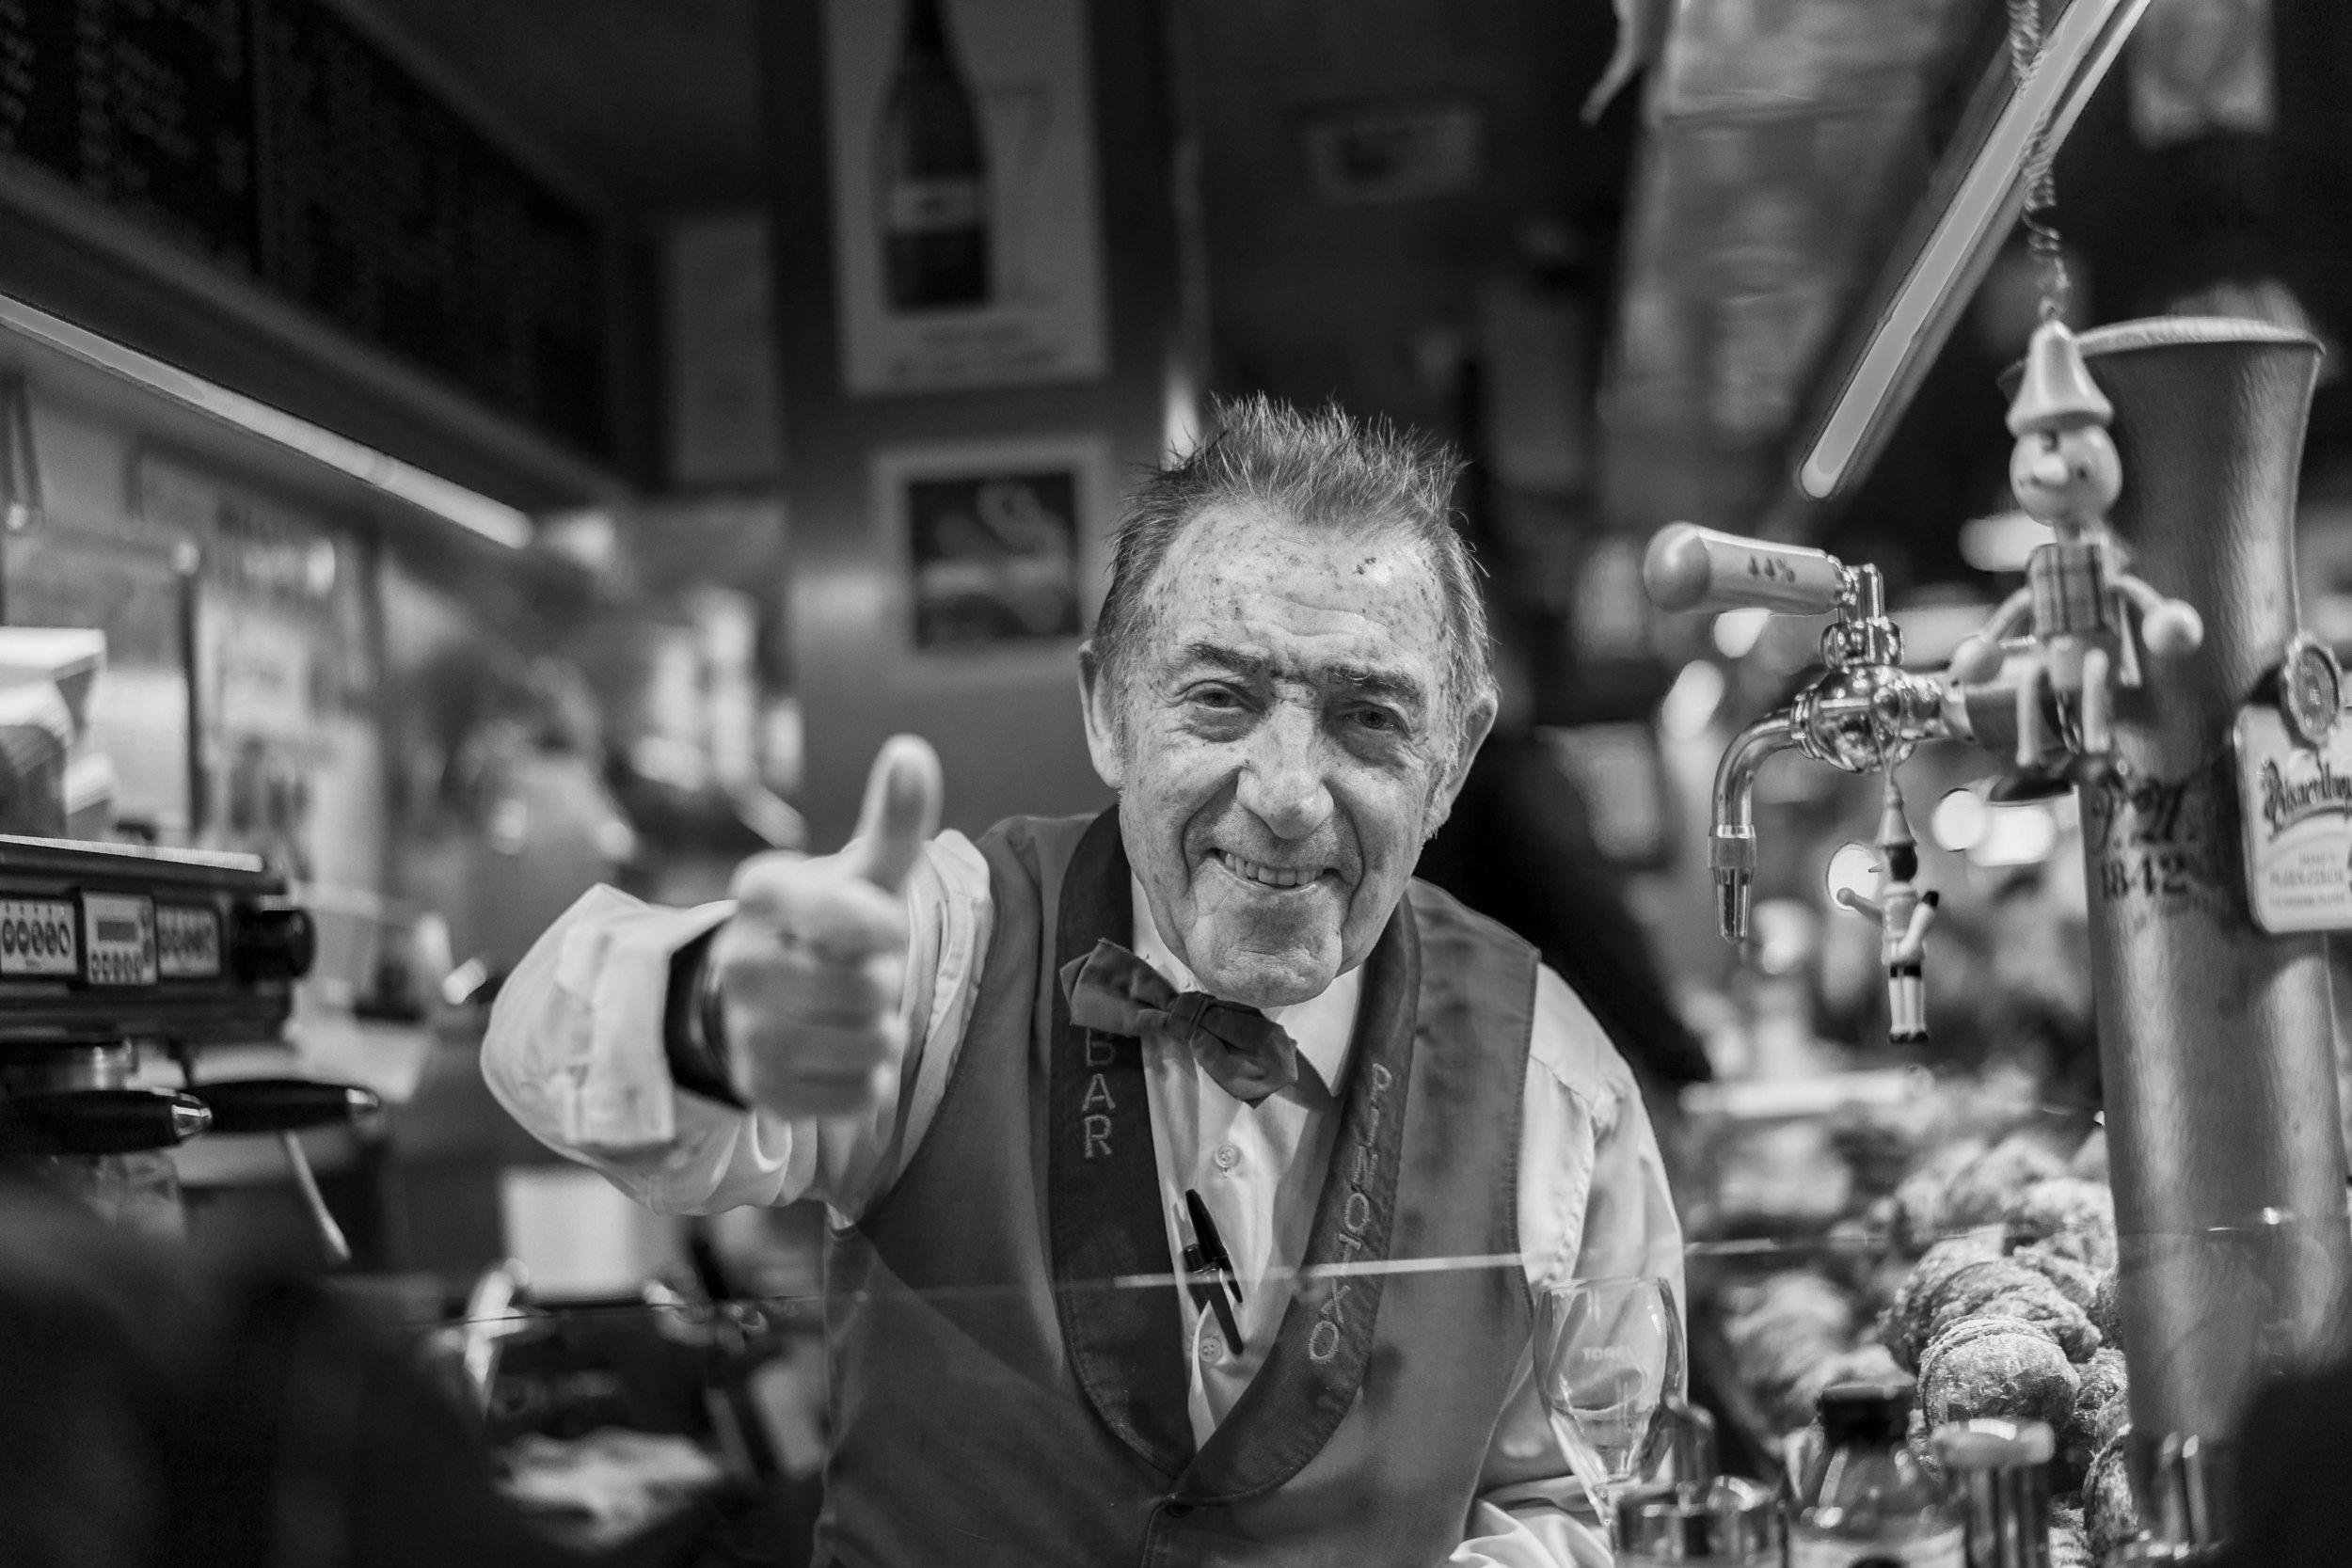 The always smiling Juanito at El Pinotxo bar